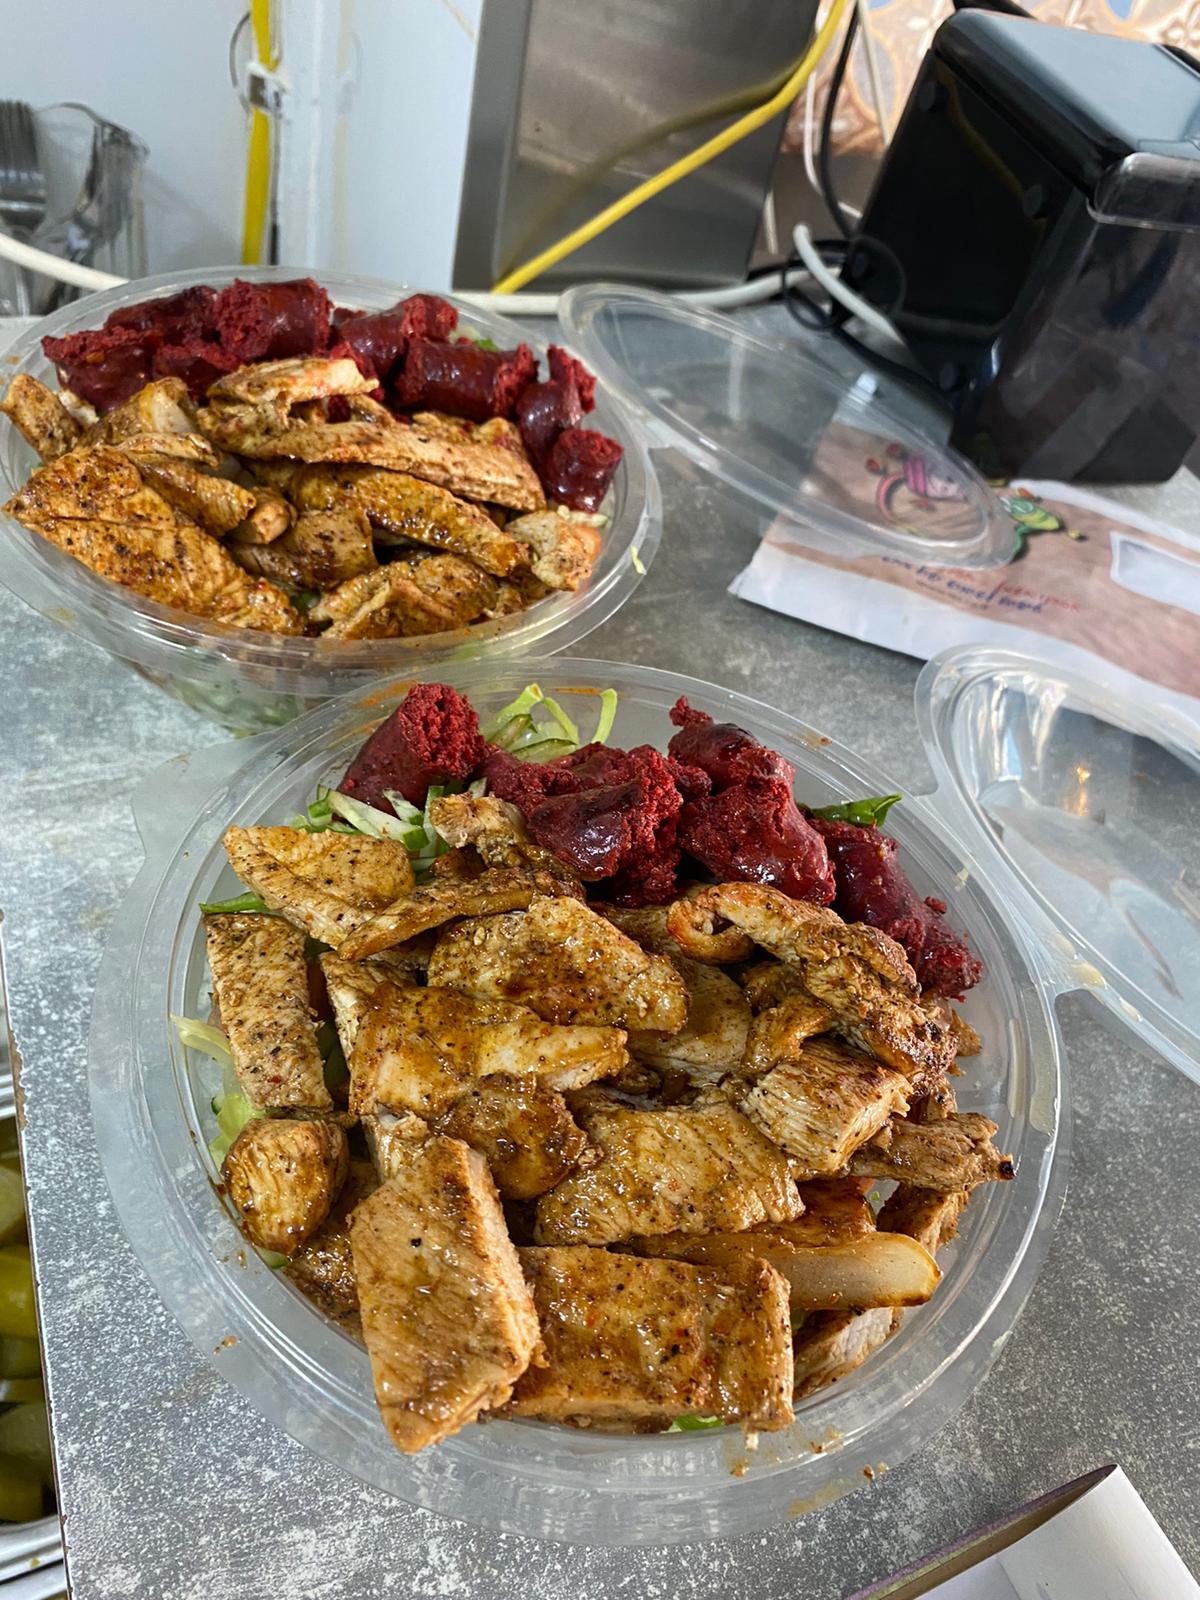 5 باجيت شنيتسل بـ100 شيكل فقط - أسعار مجنونة لدى مطعم حمص يافا